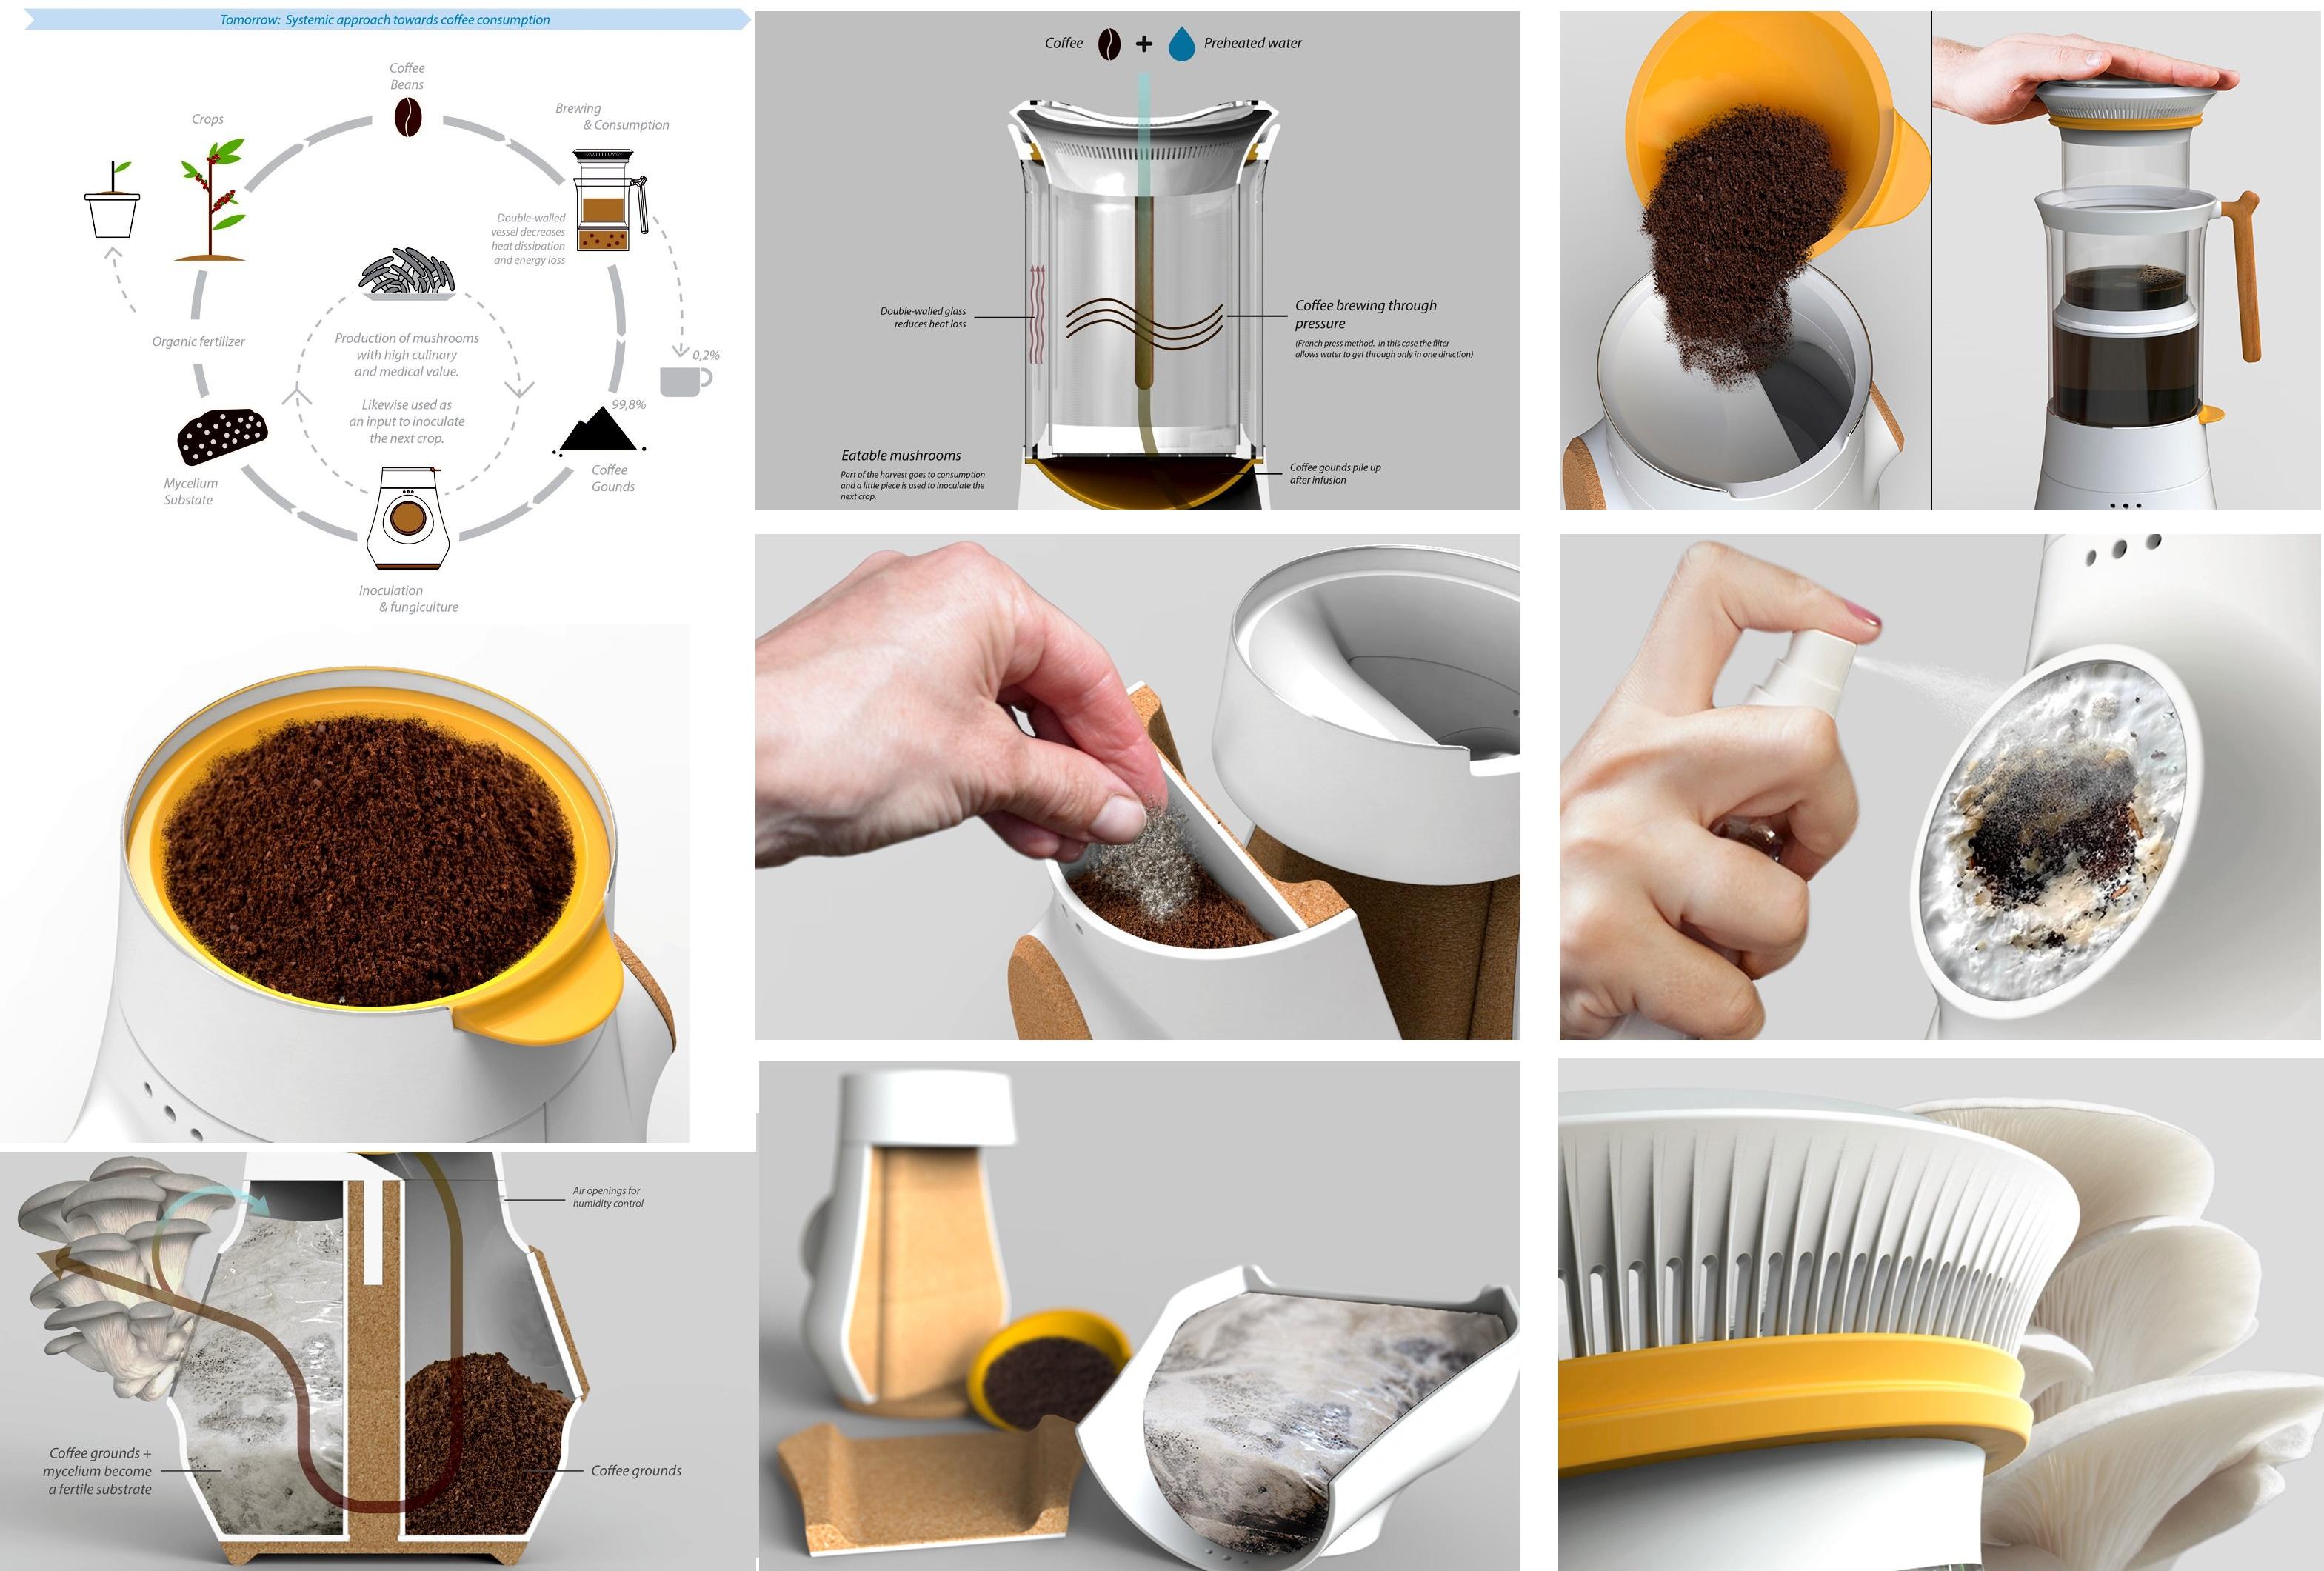 кофемашина с функцией выращивания грибов